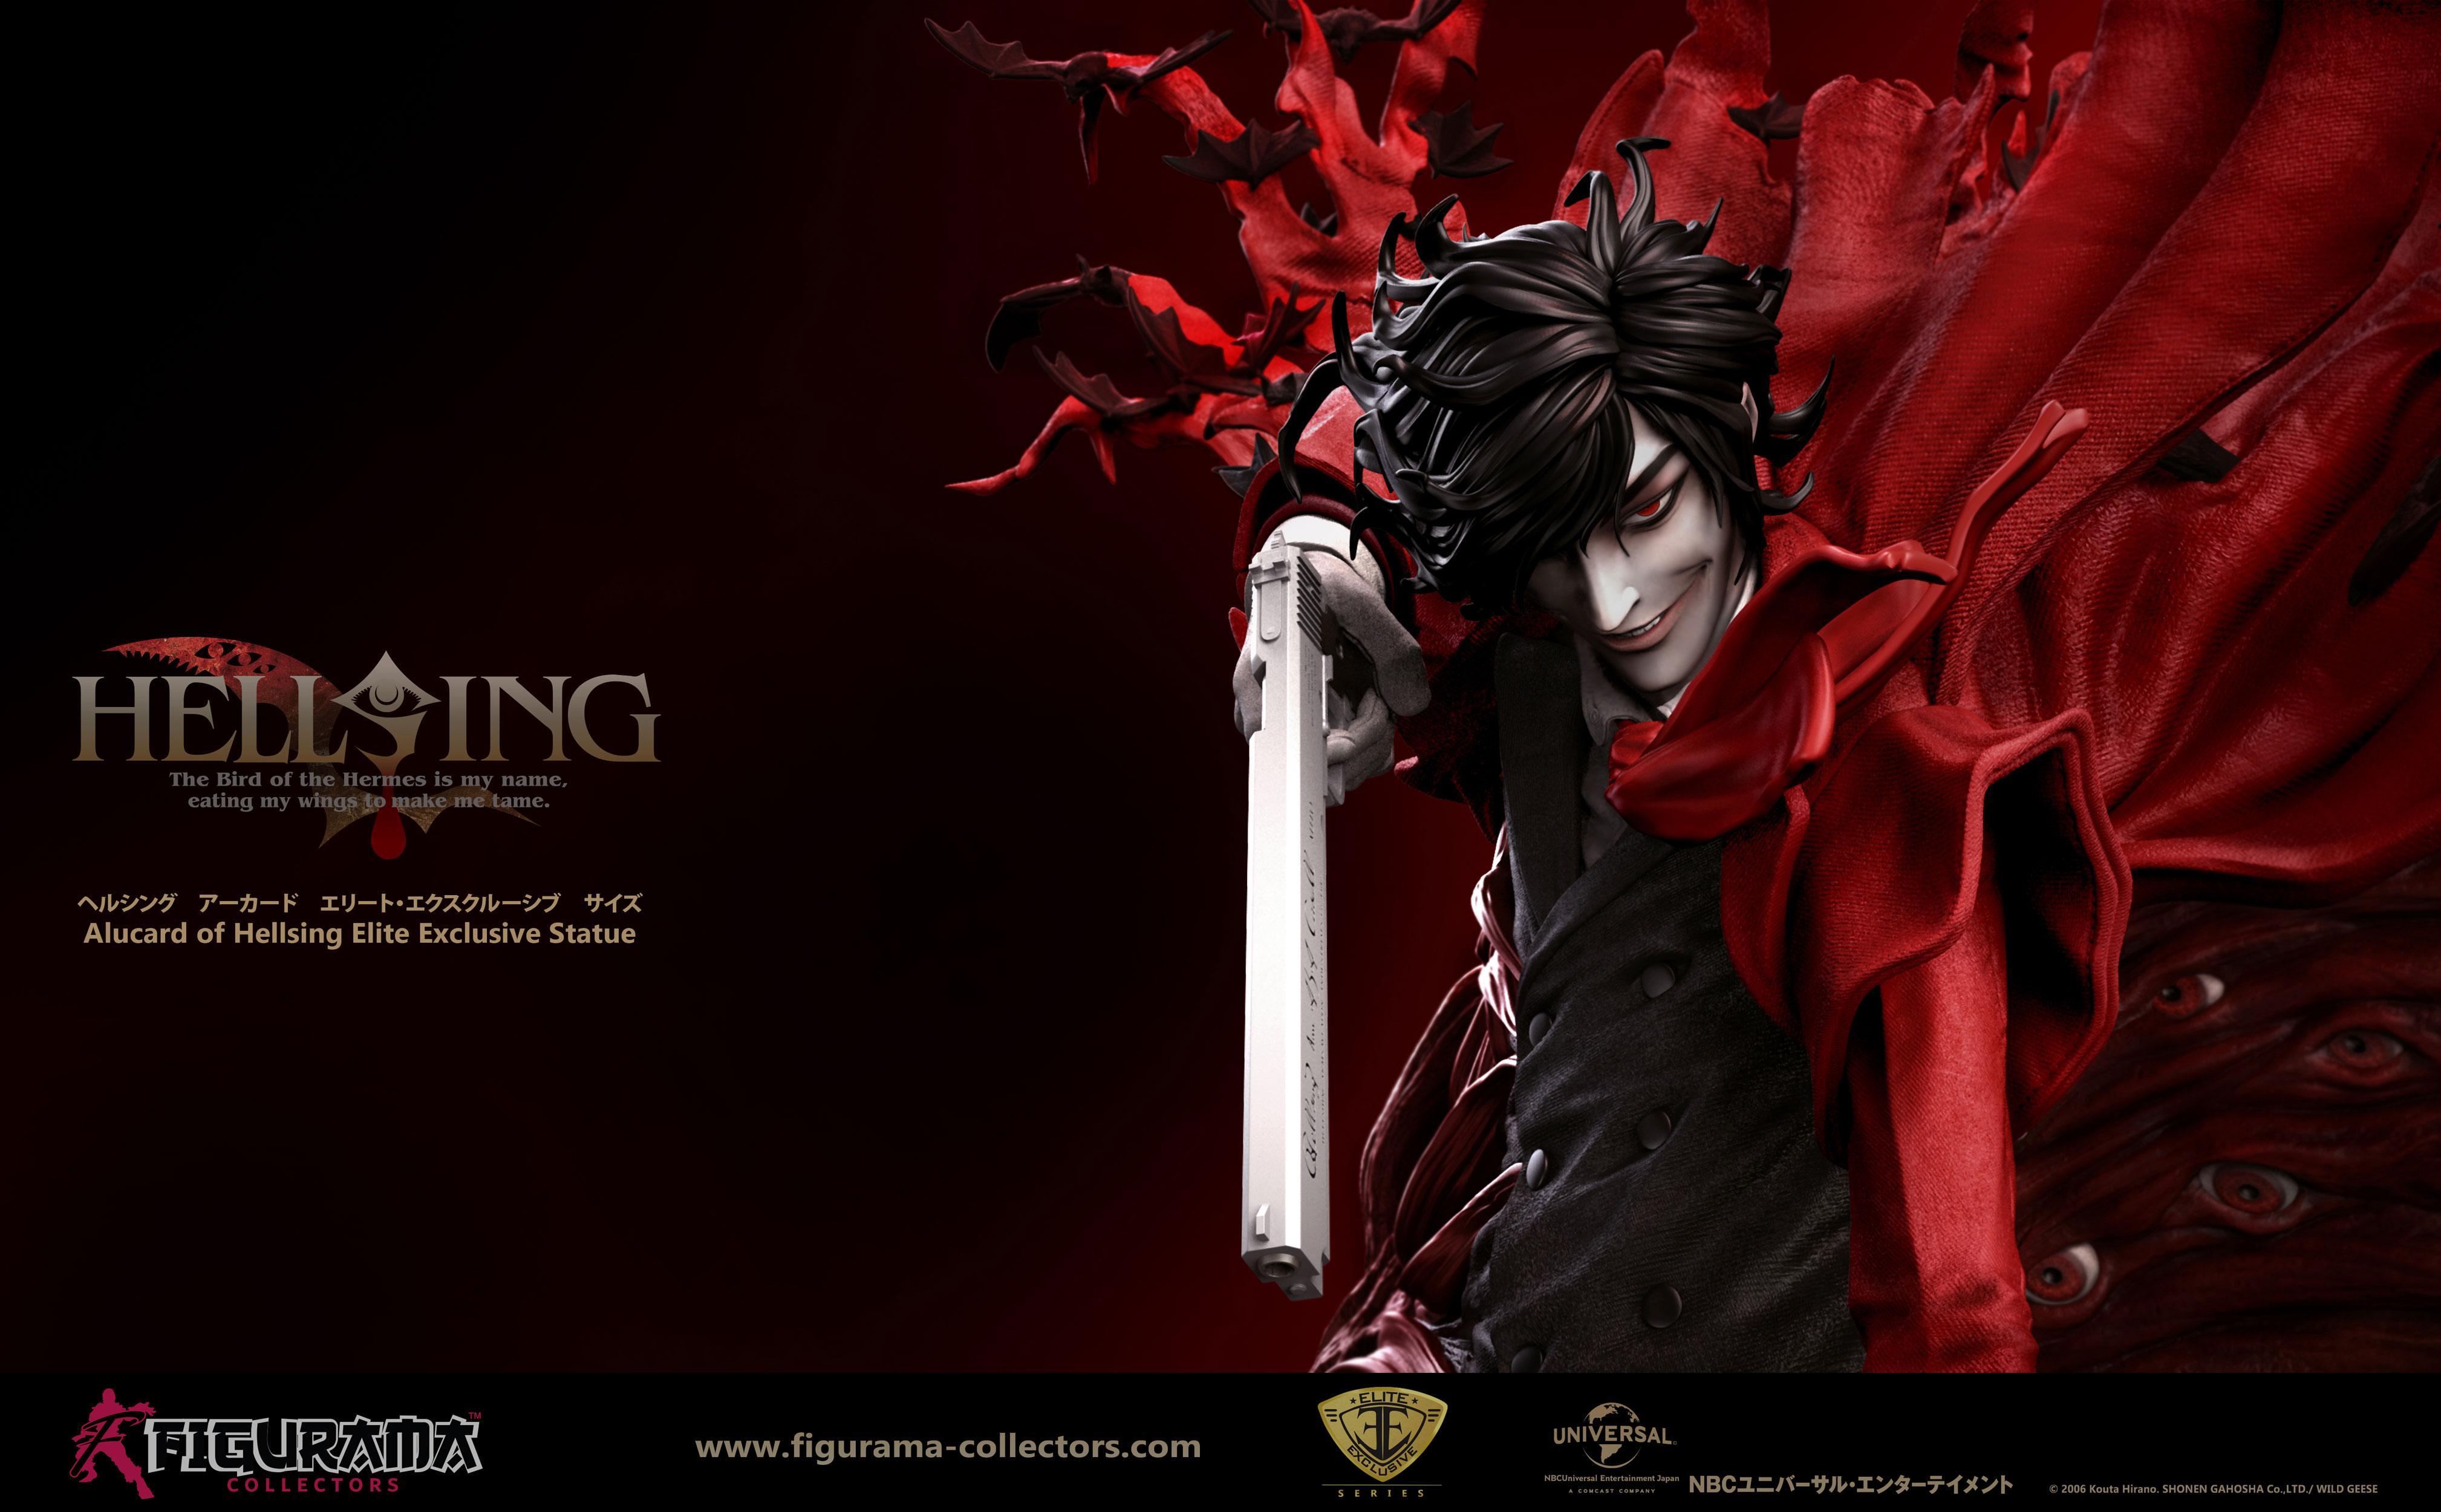 hellsing ultimate hellsing alucard